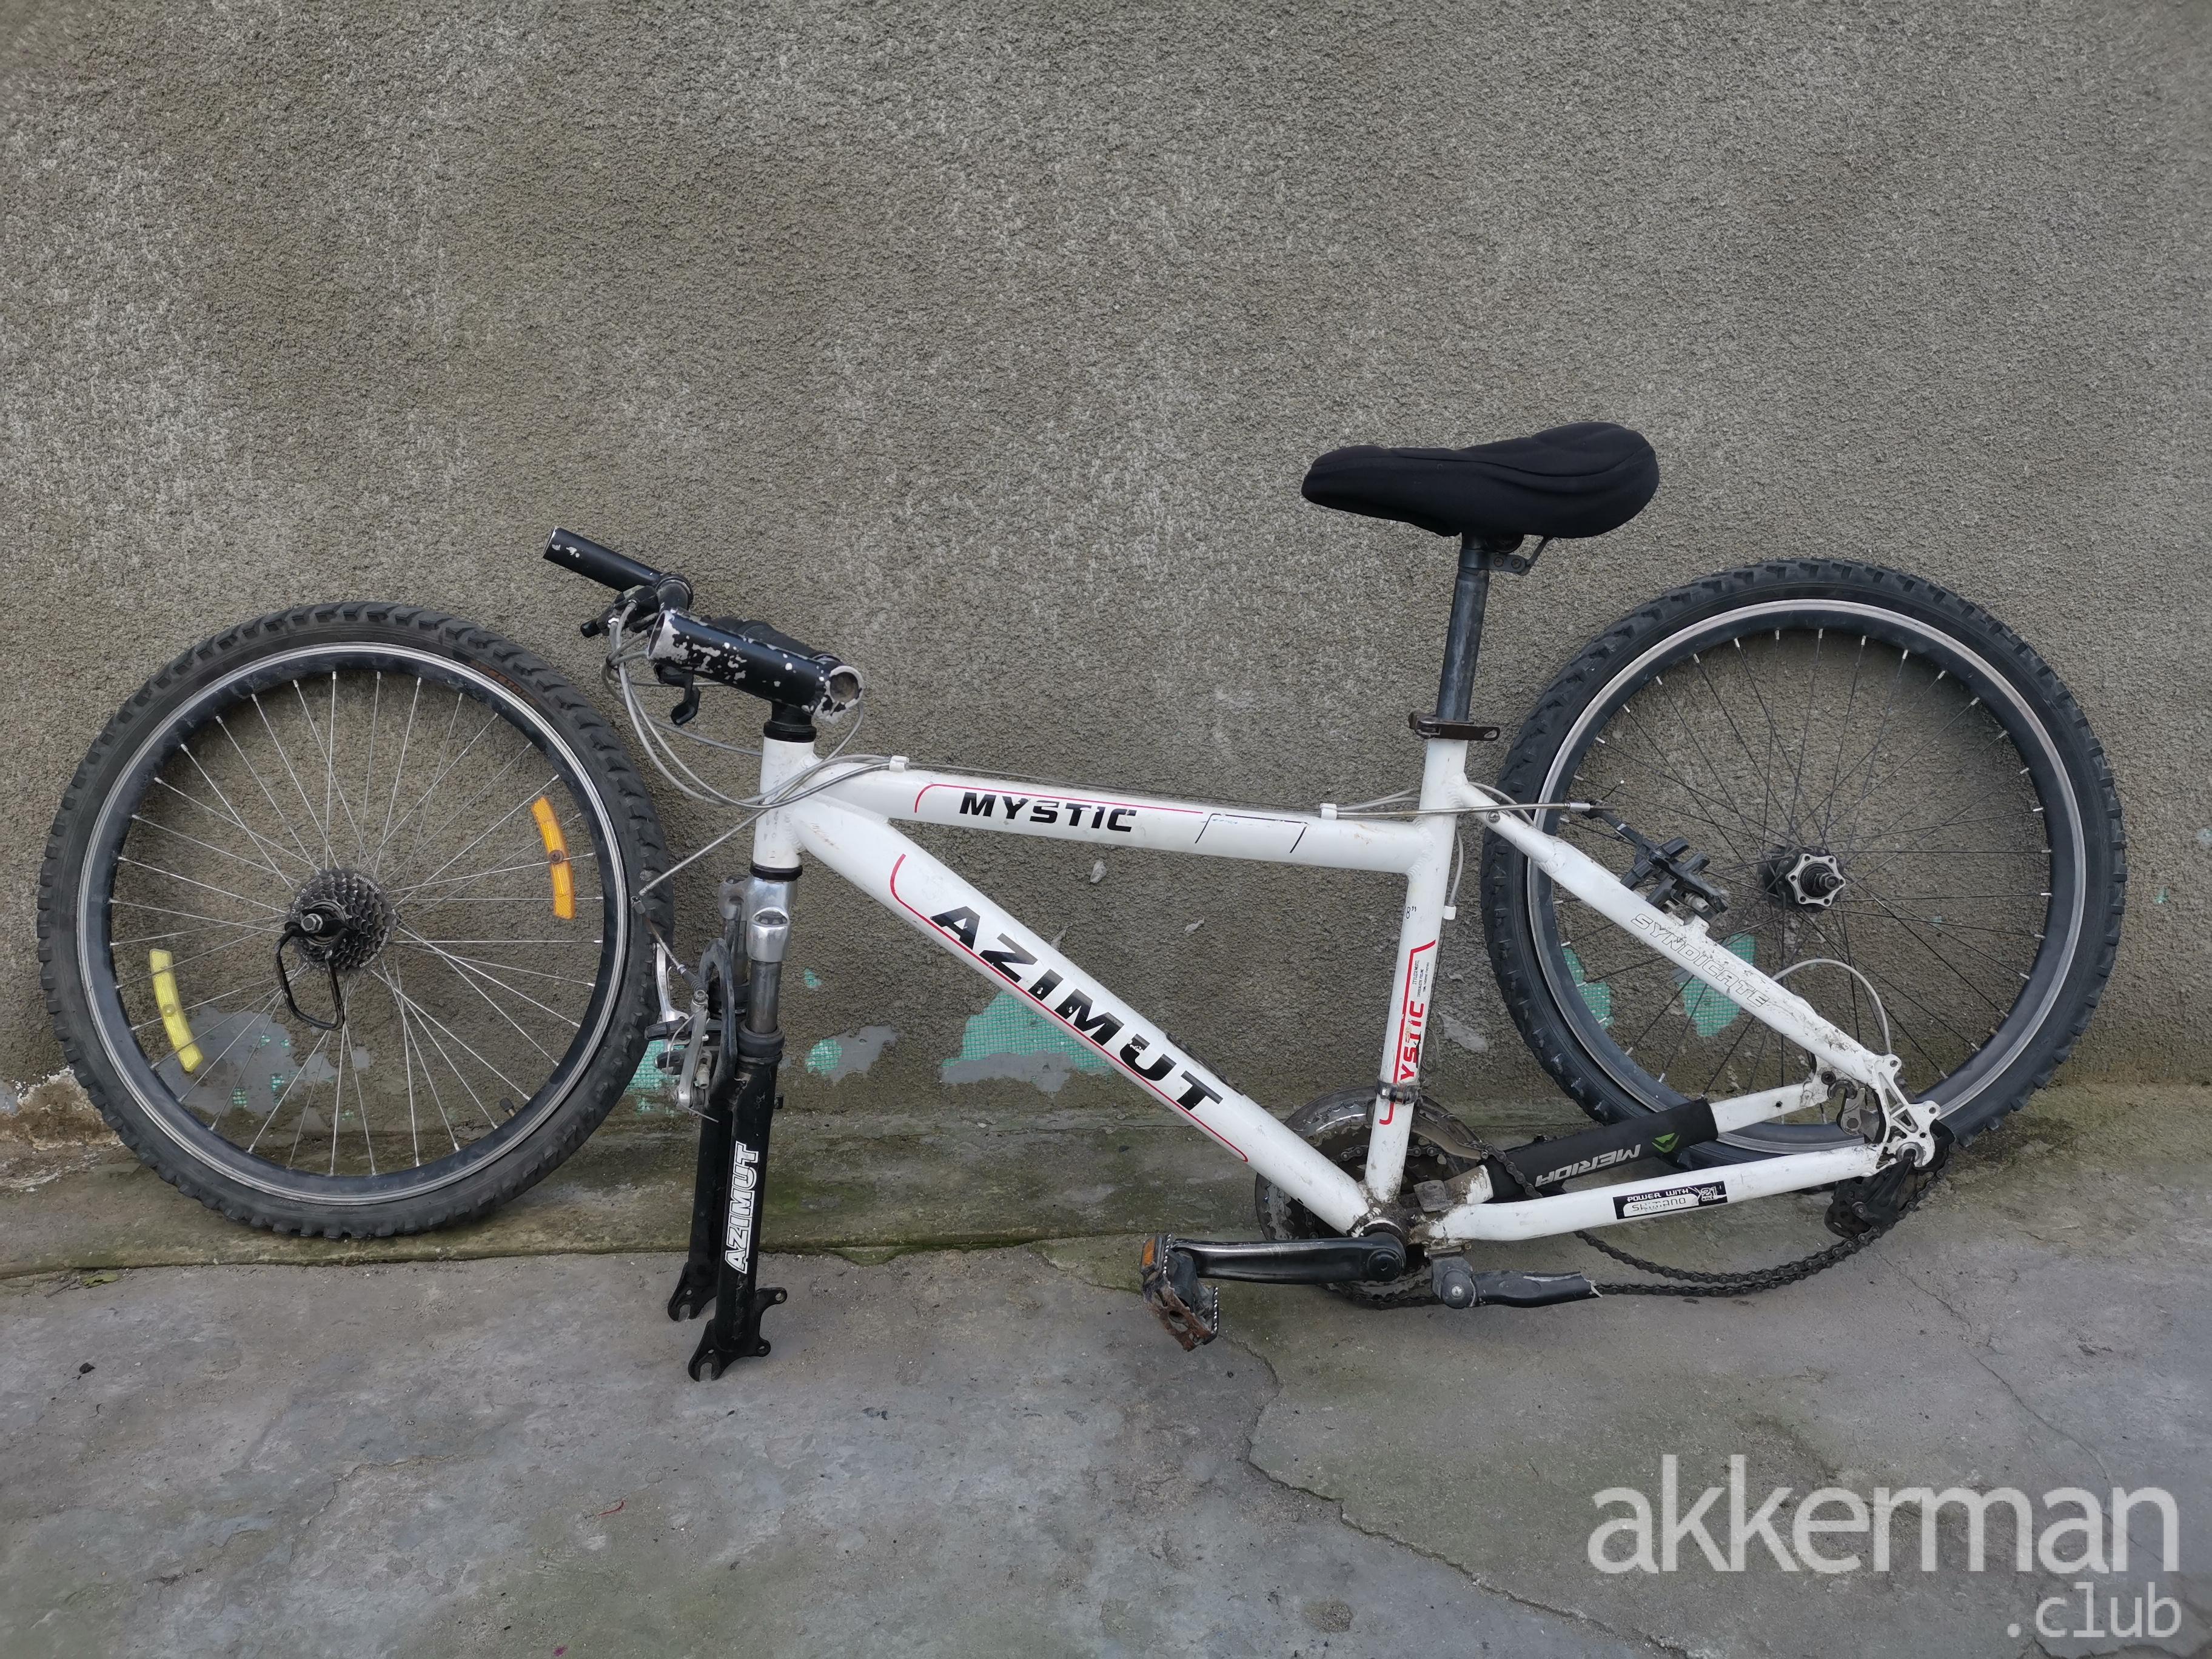 Велосипед Azimut mystic